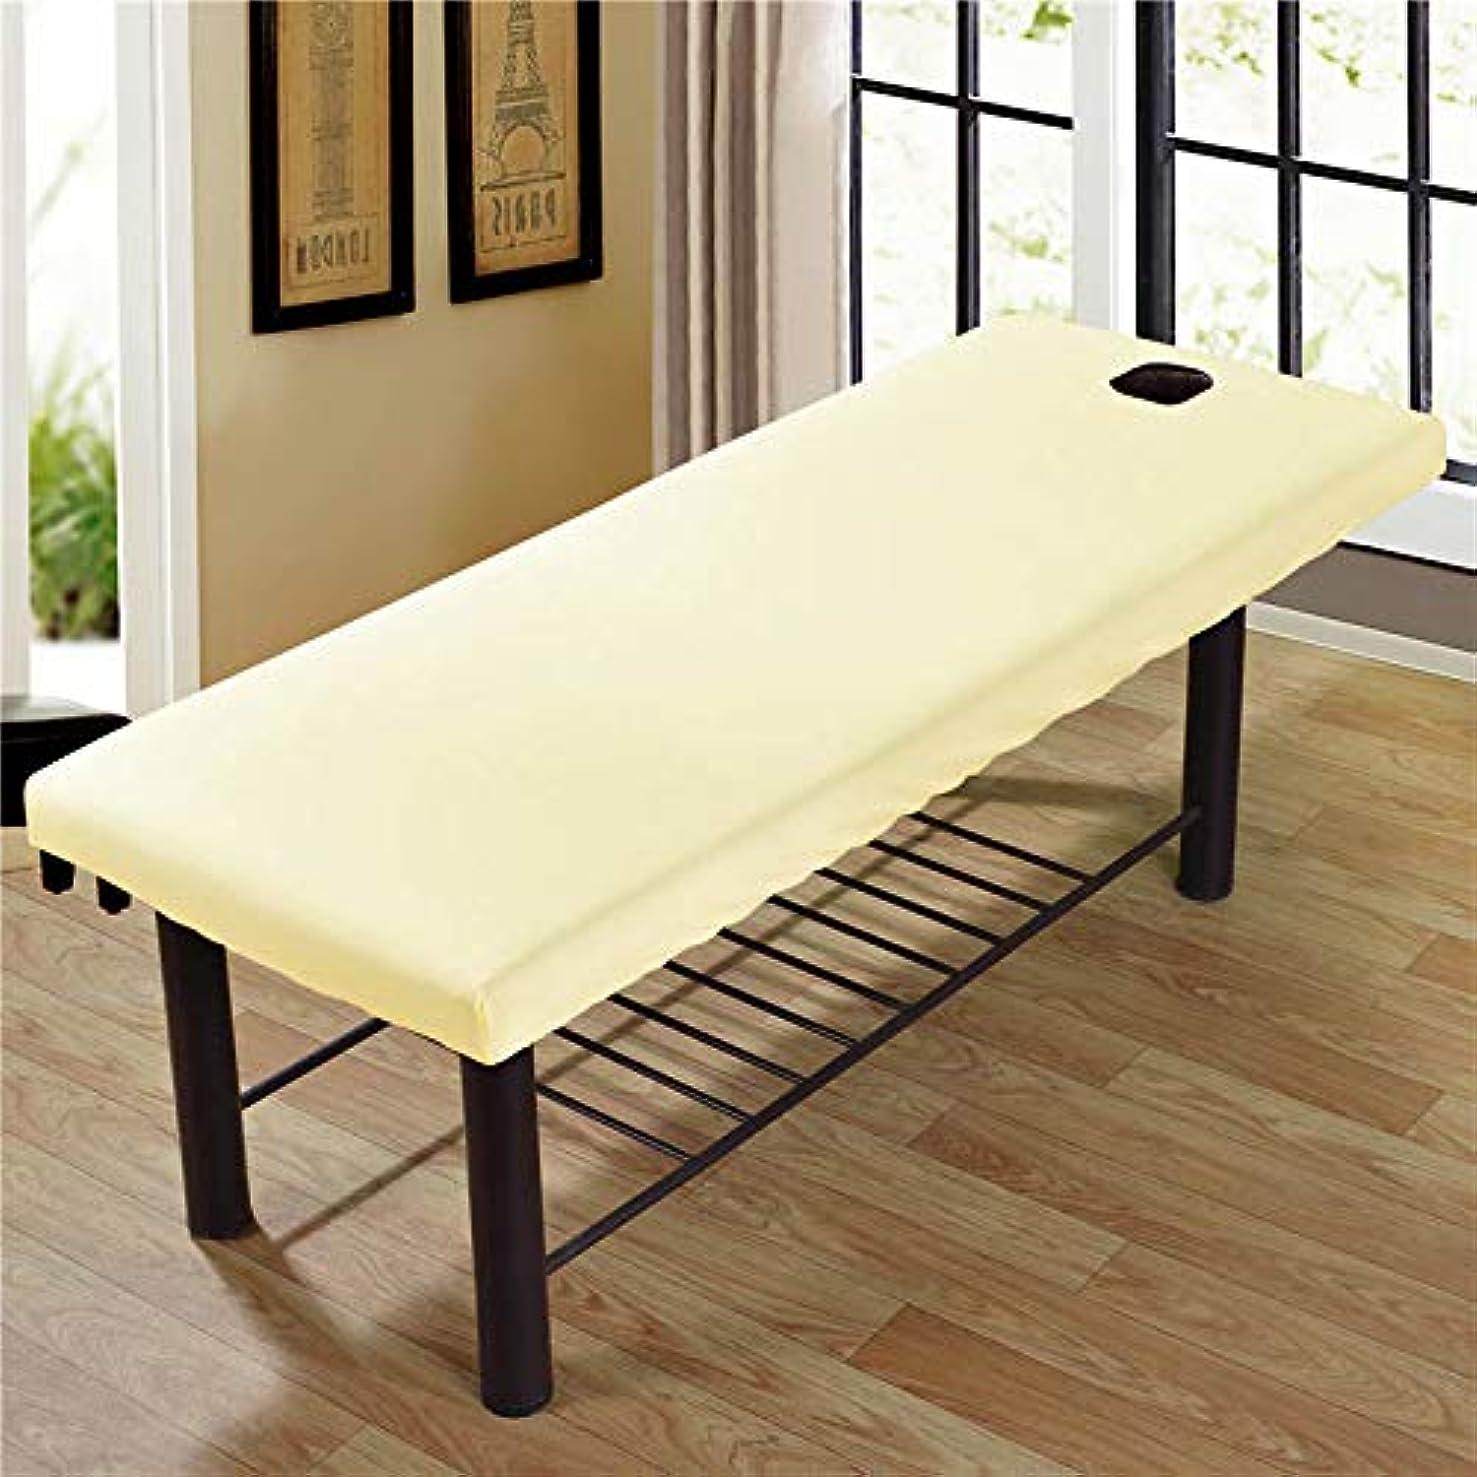 インドネコオフセットJanusSaja 美容院のマッサージ療法のベッドのための柔らかいSoliod色の長方形のマットレス